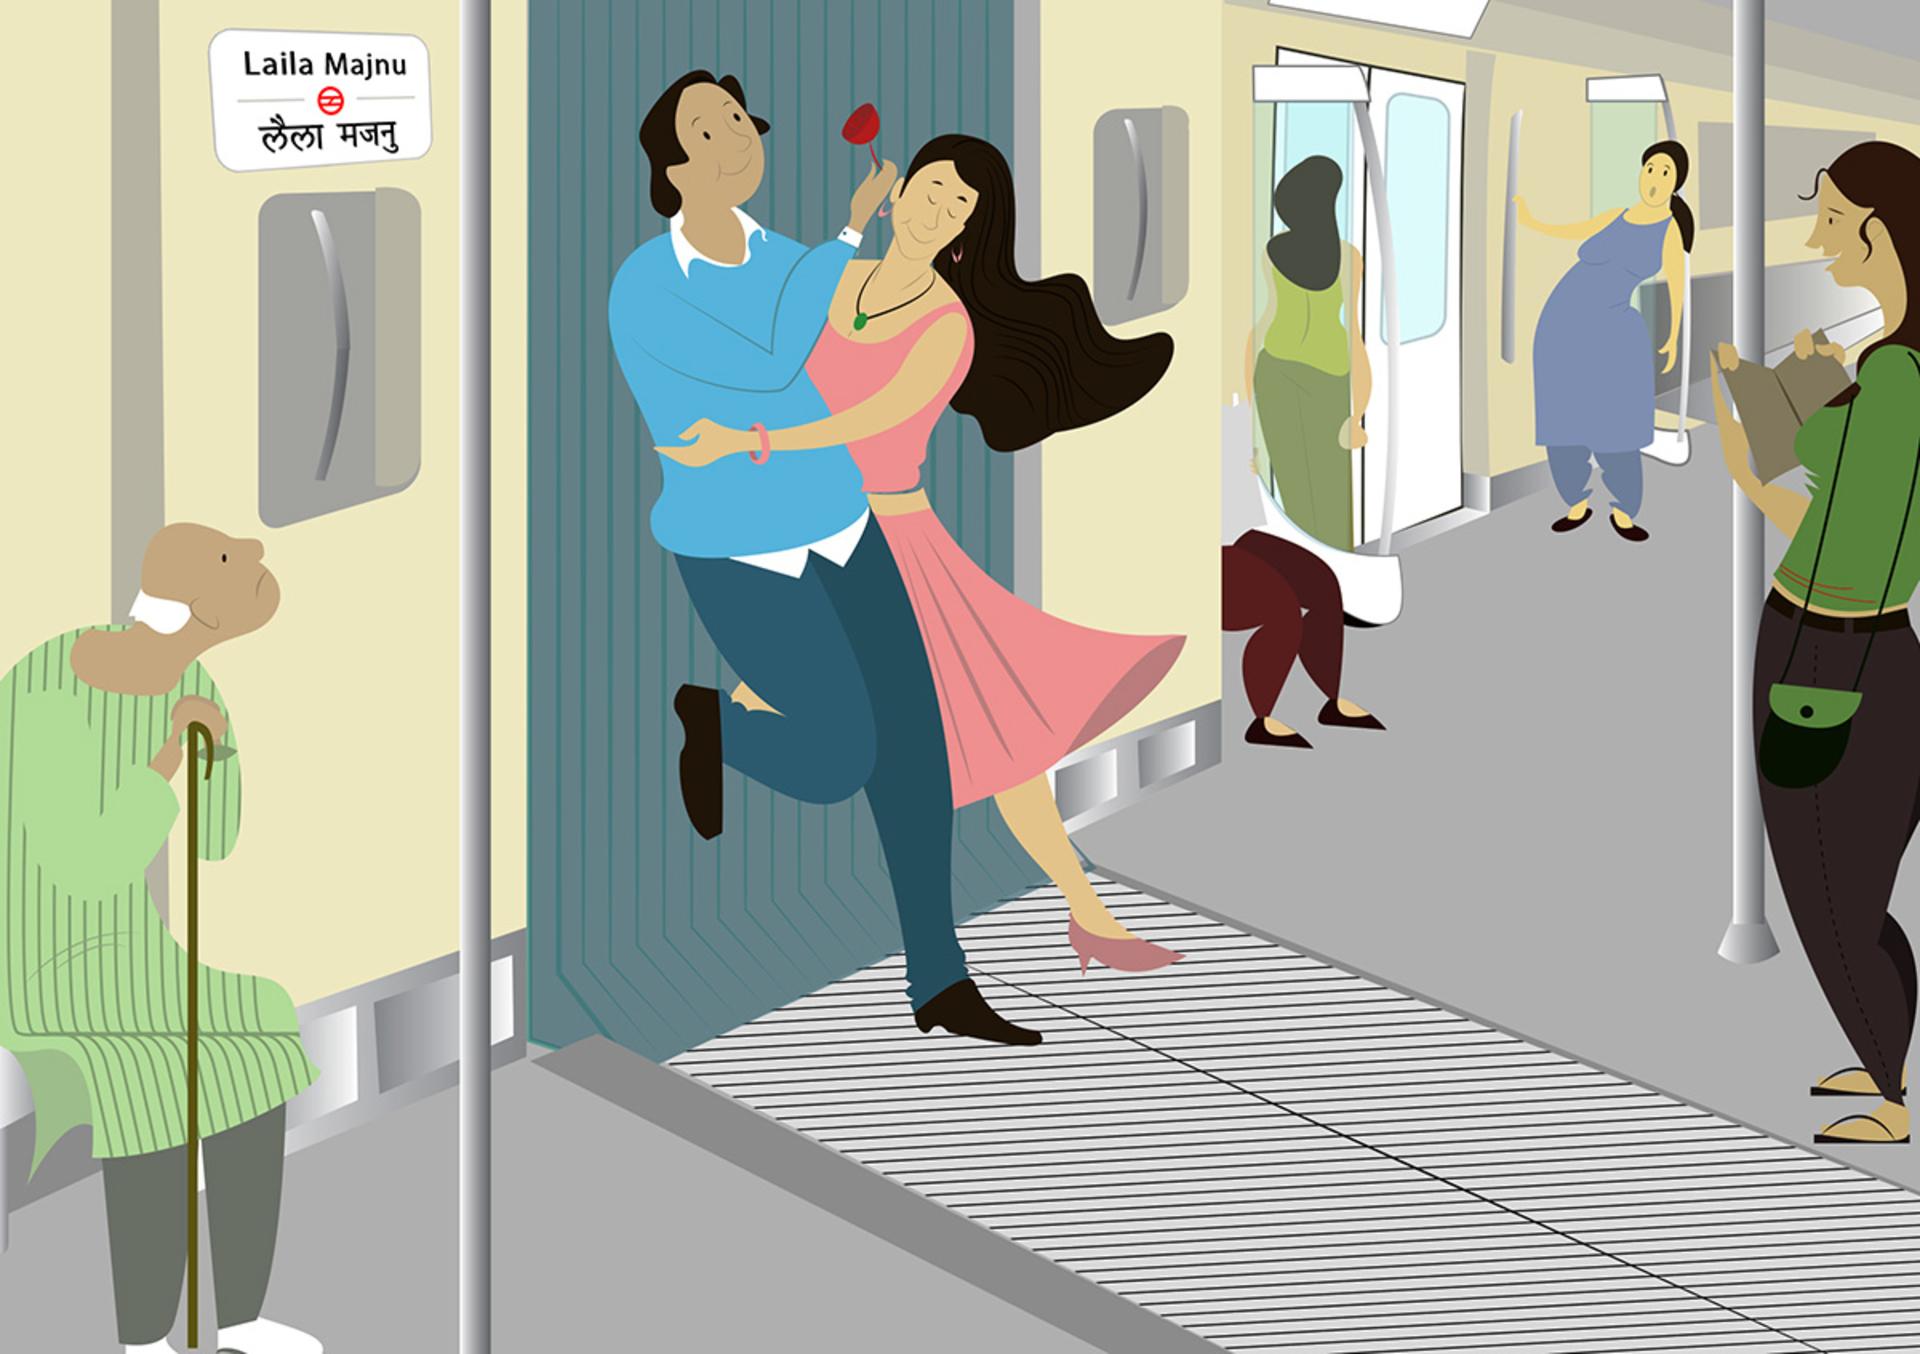 मेट्रो image